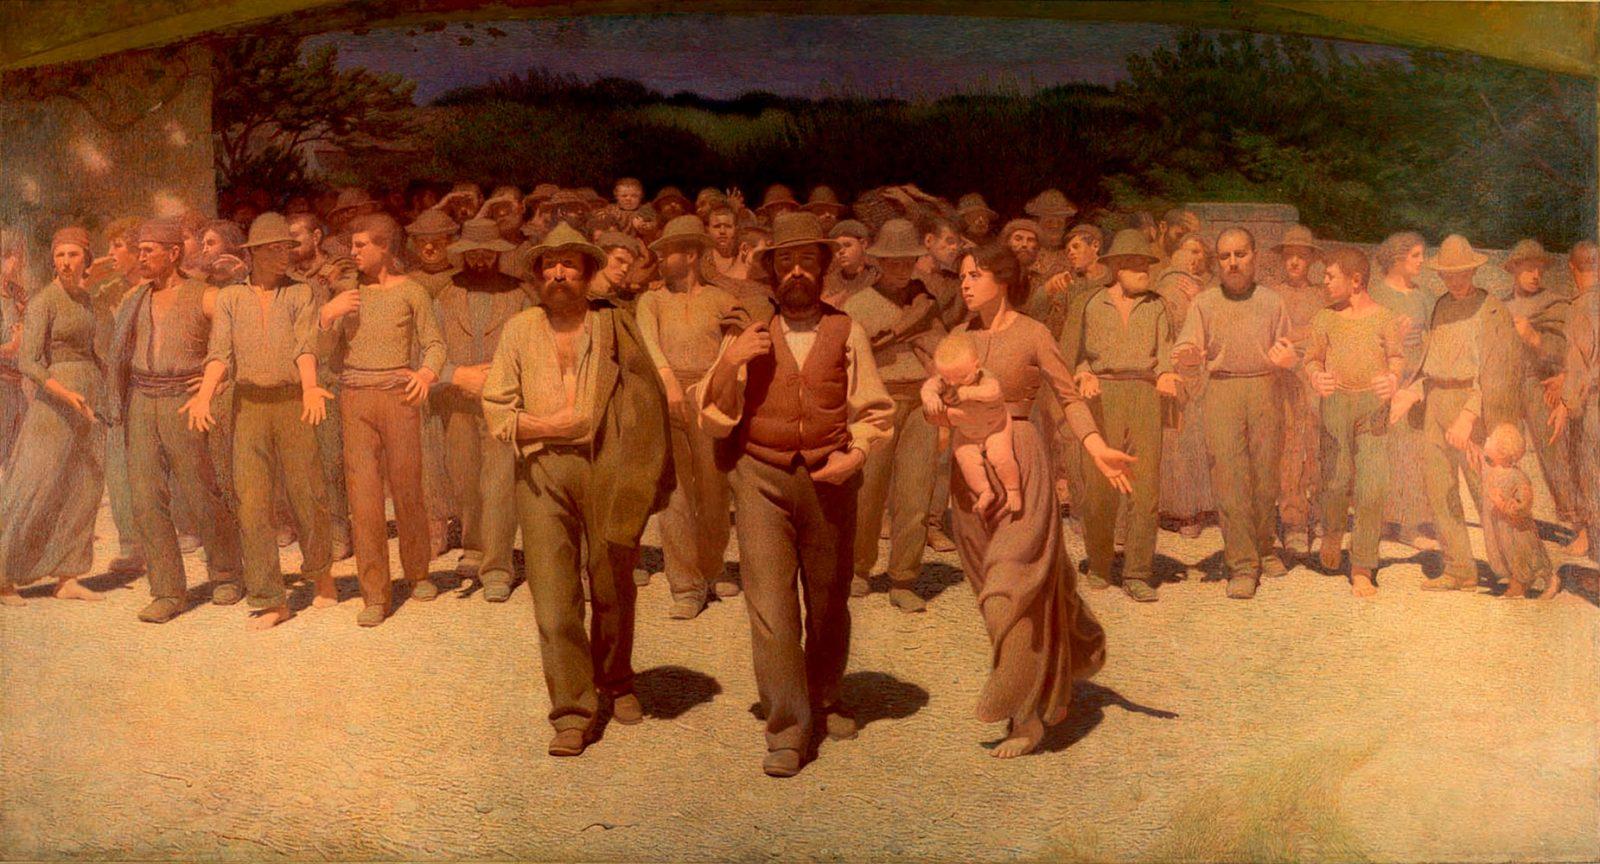 Giuseppe Pellizza da Volpedo, Il Quarto Stato, 1901, olio su tela, Museo del Novecento, Milano